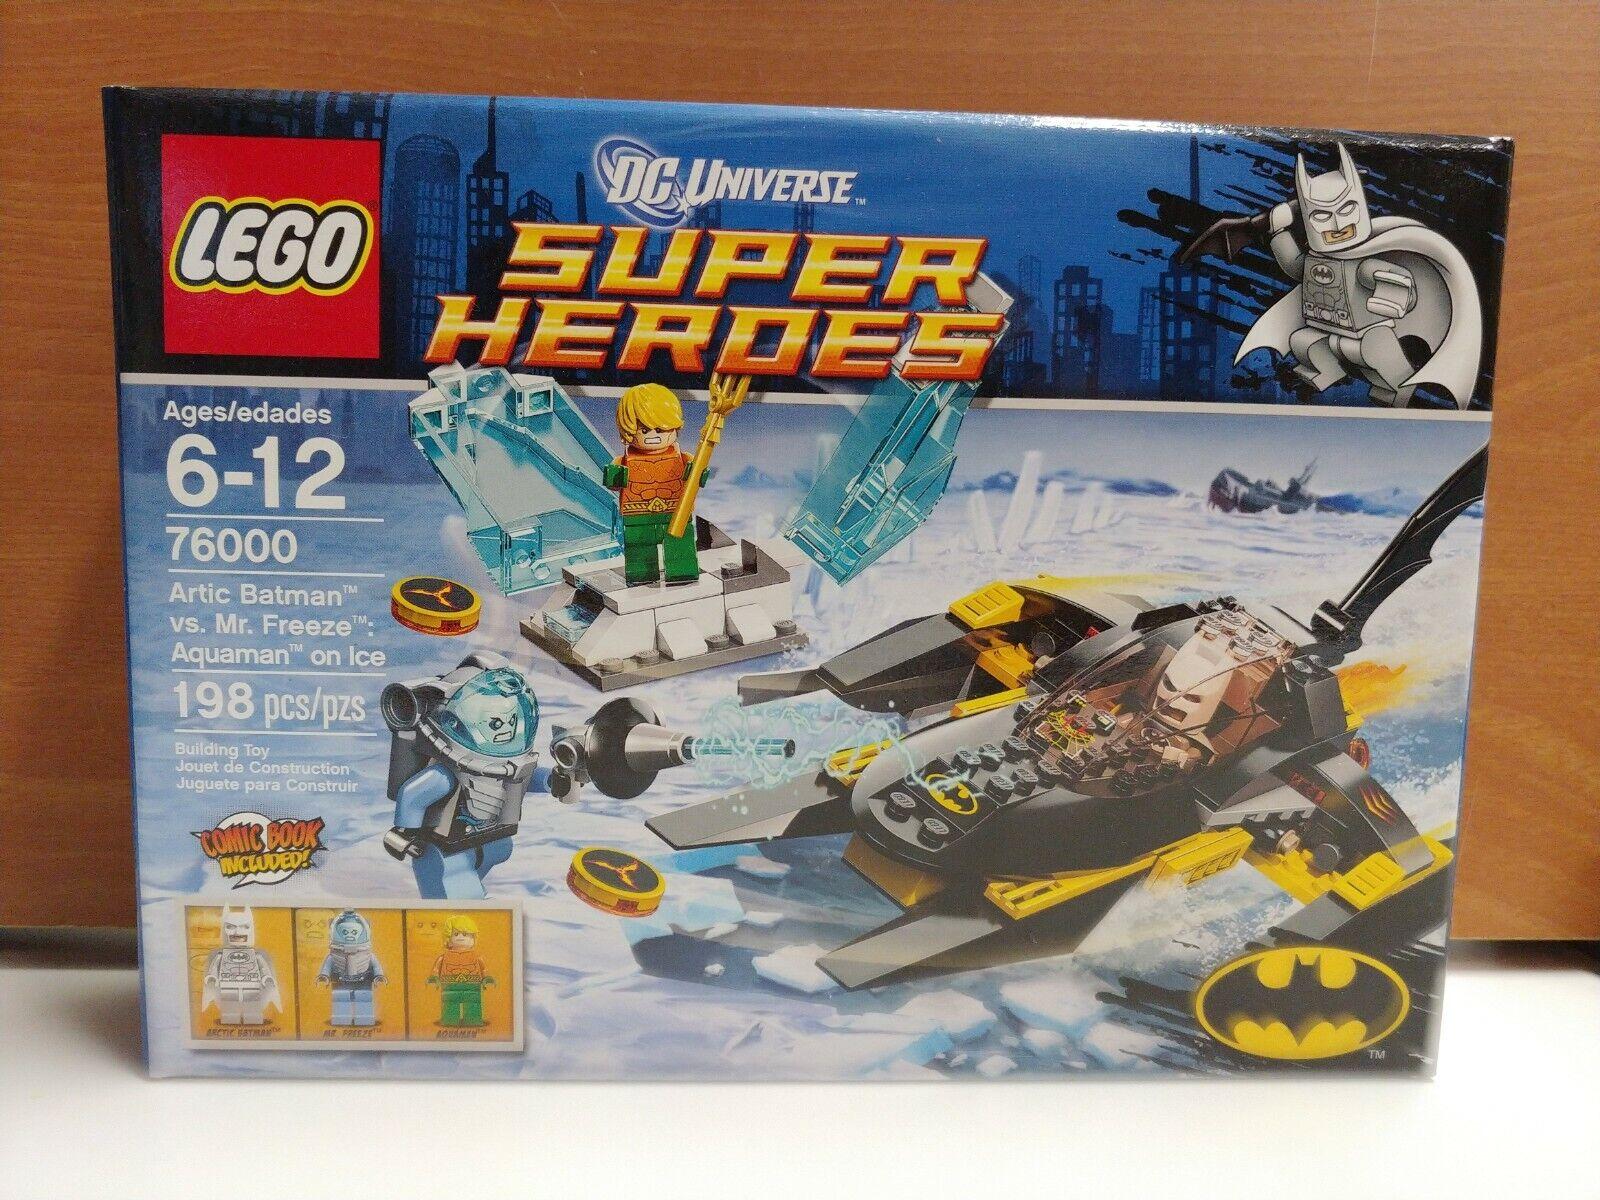 Lego 76000 del Ártico Batman vs Mr. Freeze Aquaman en DC súper Heroes retirado de hielo